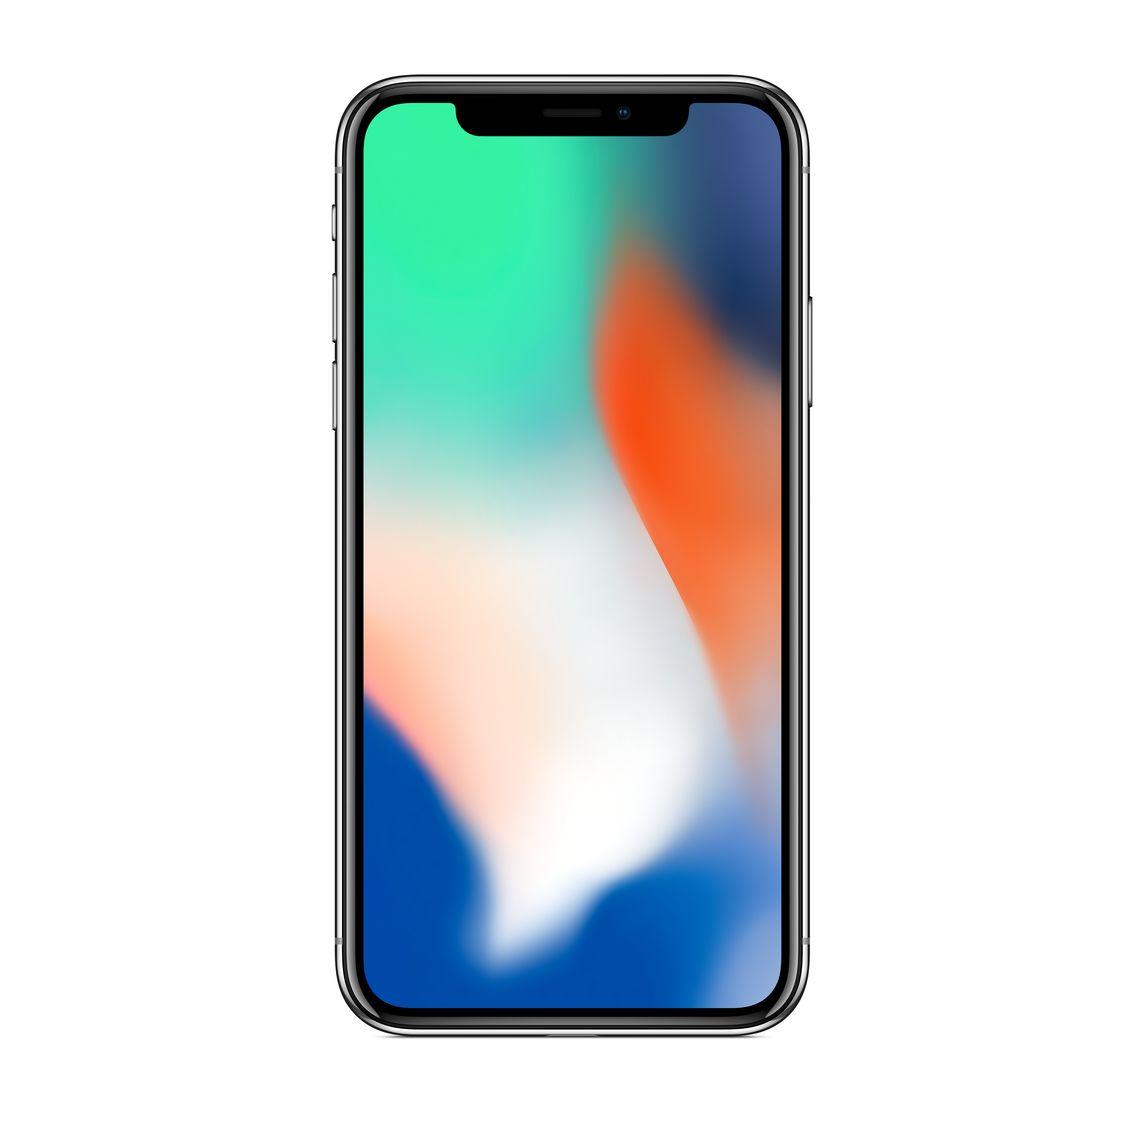 iPhone X 256GB ricondizionato - Argento (Senza SIM)